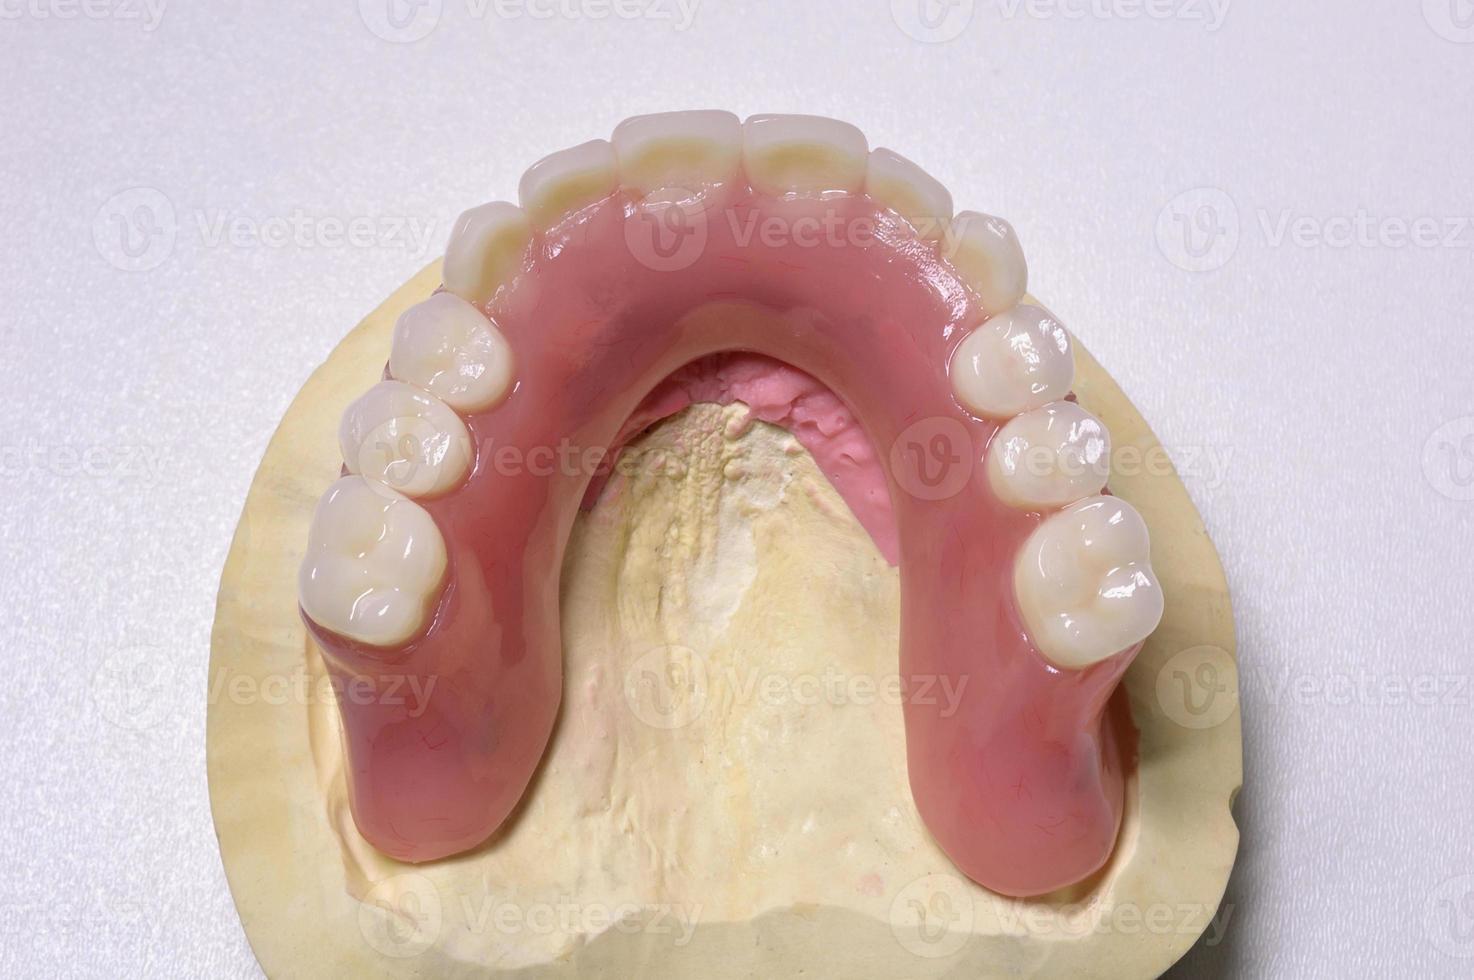 protesi dentale foto